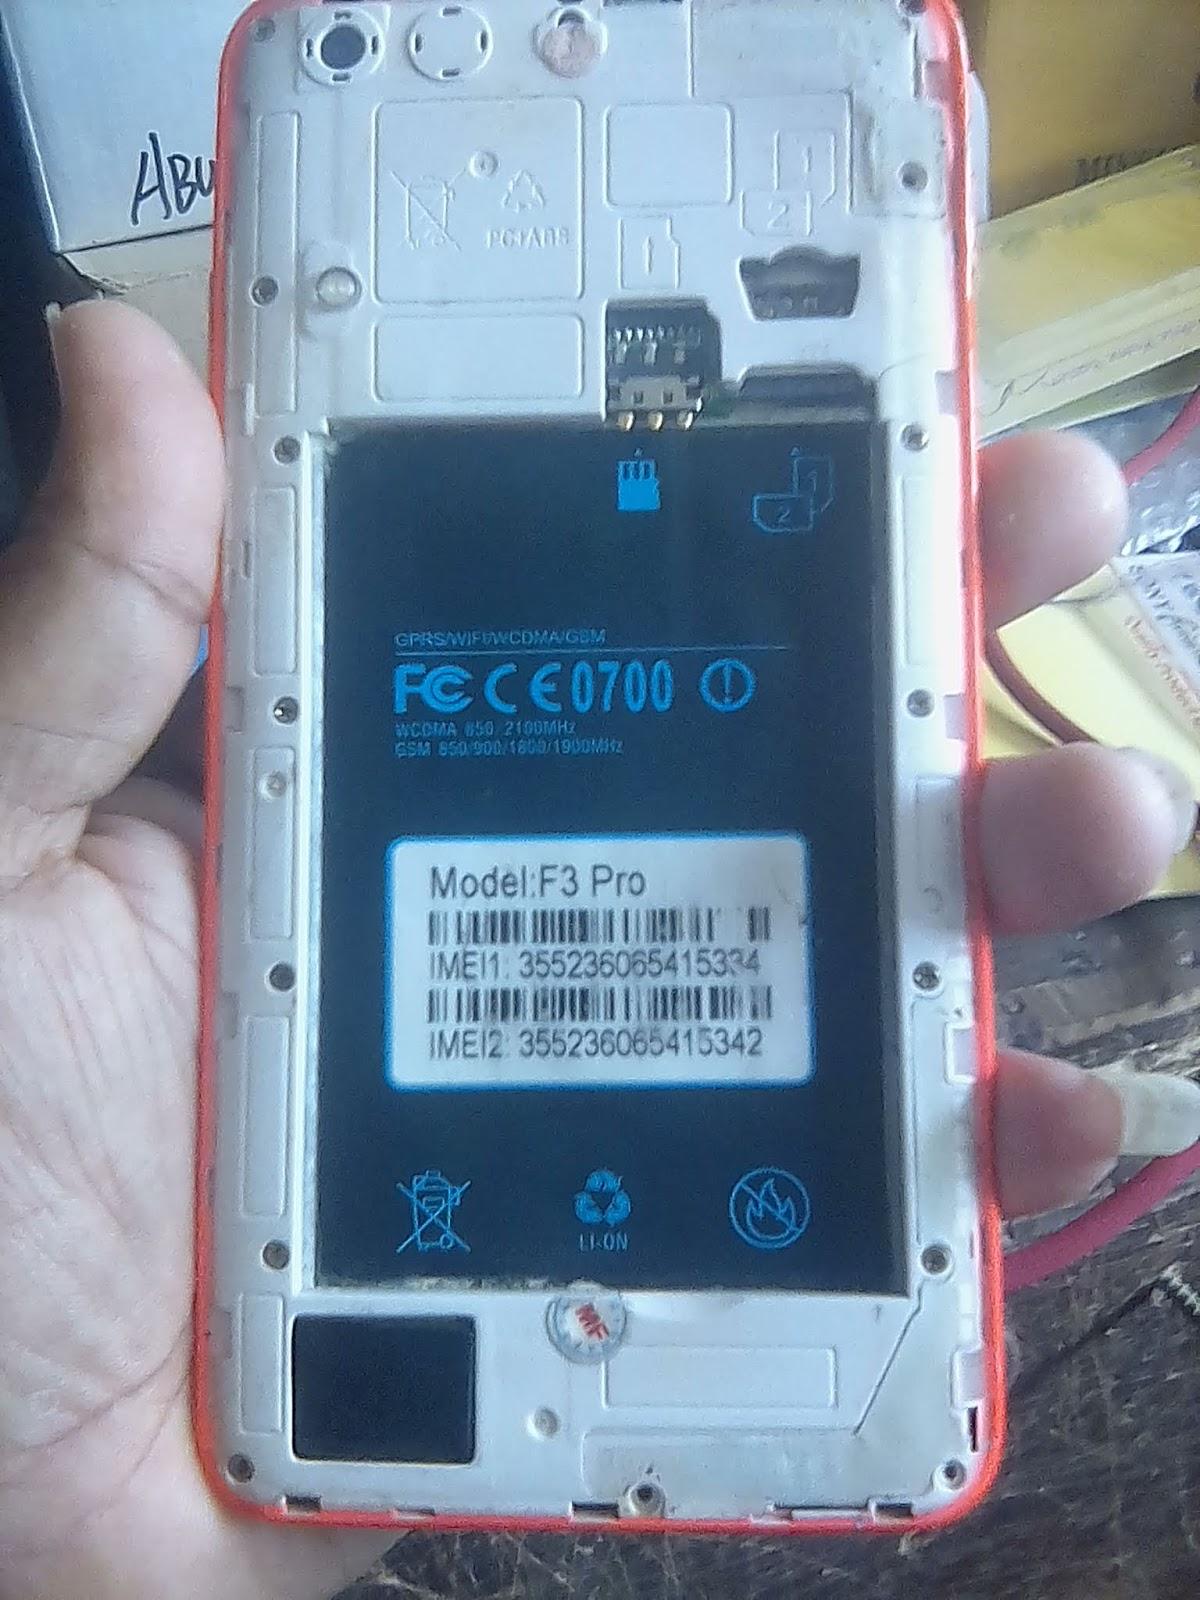 ma telecom: OPPO F3 PRO CLONE MT6580_7 0 ( LCD FIX DEAD FIX